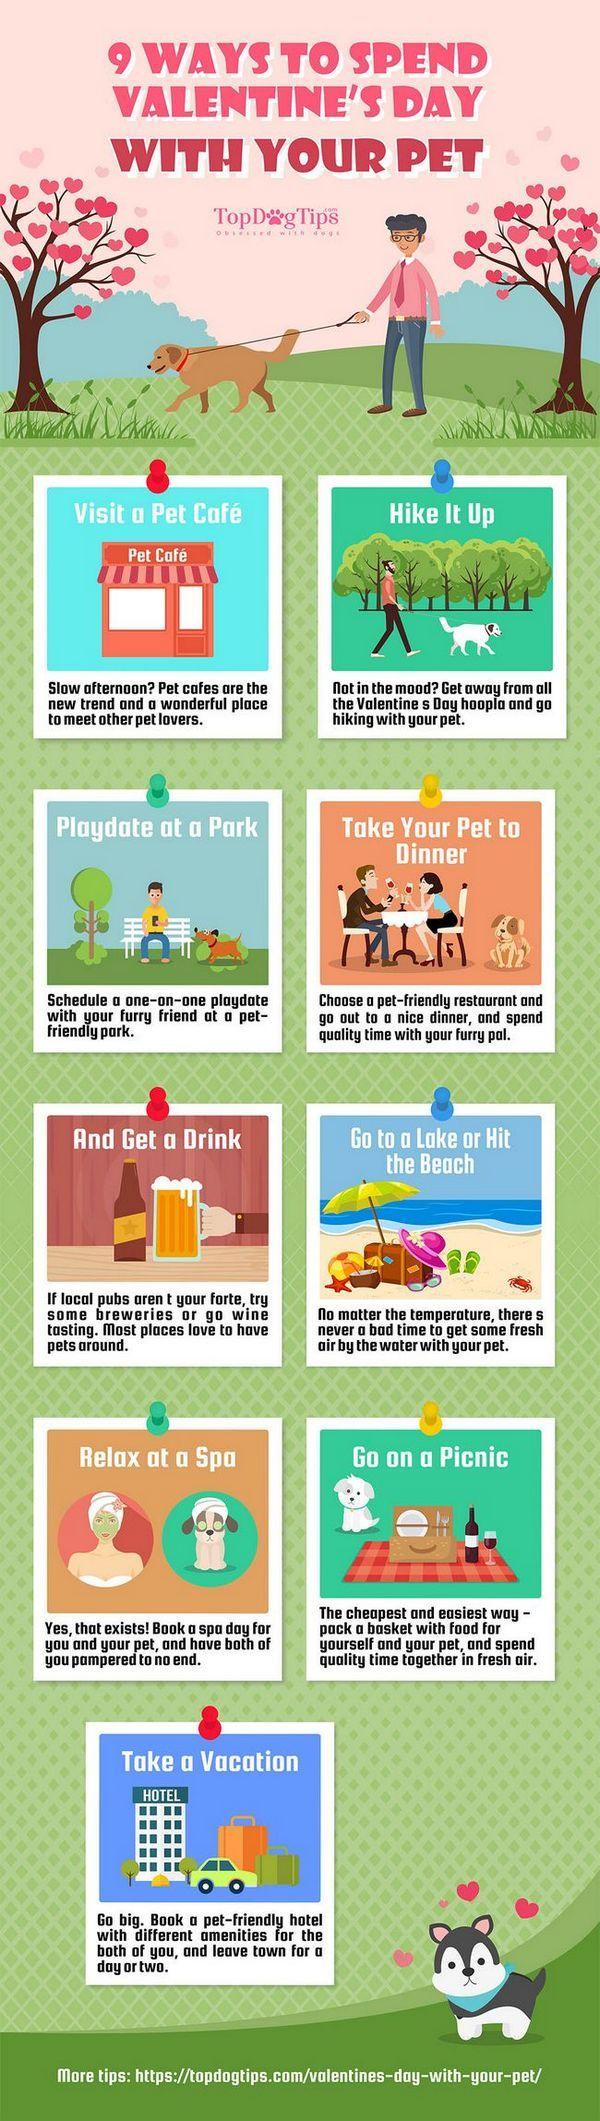 9 Façons de passer la Saint-Valentin avec votre animal de compagnie [infographie]